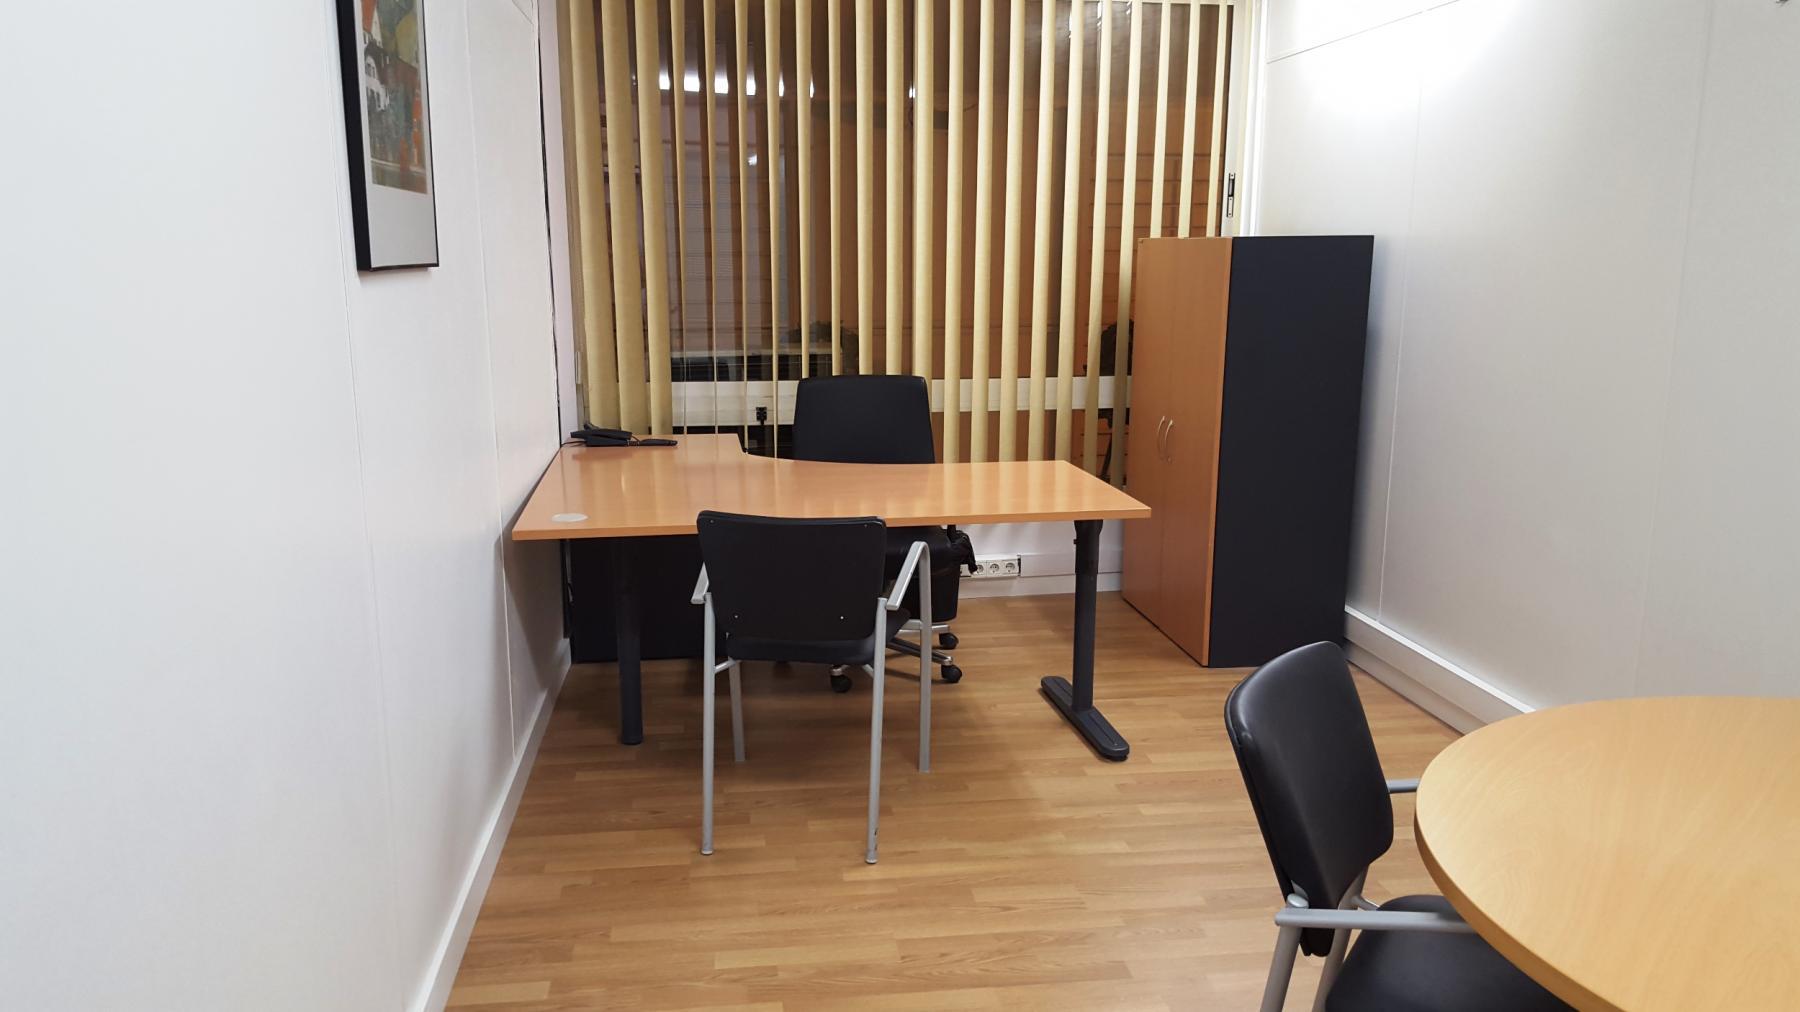 Alquilar oficinas Carrer de Cirilo Amorós 6, València (2)